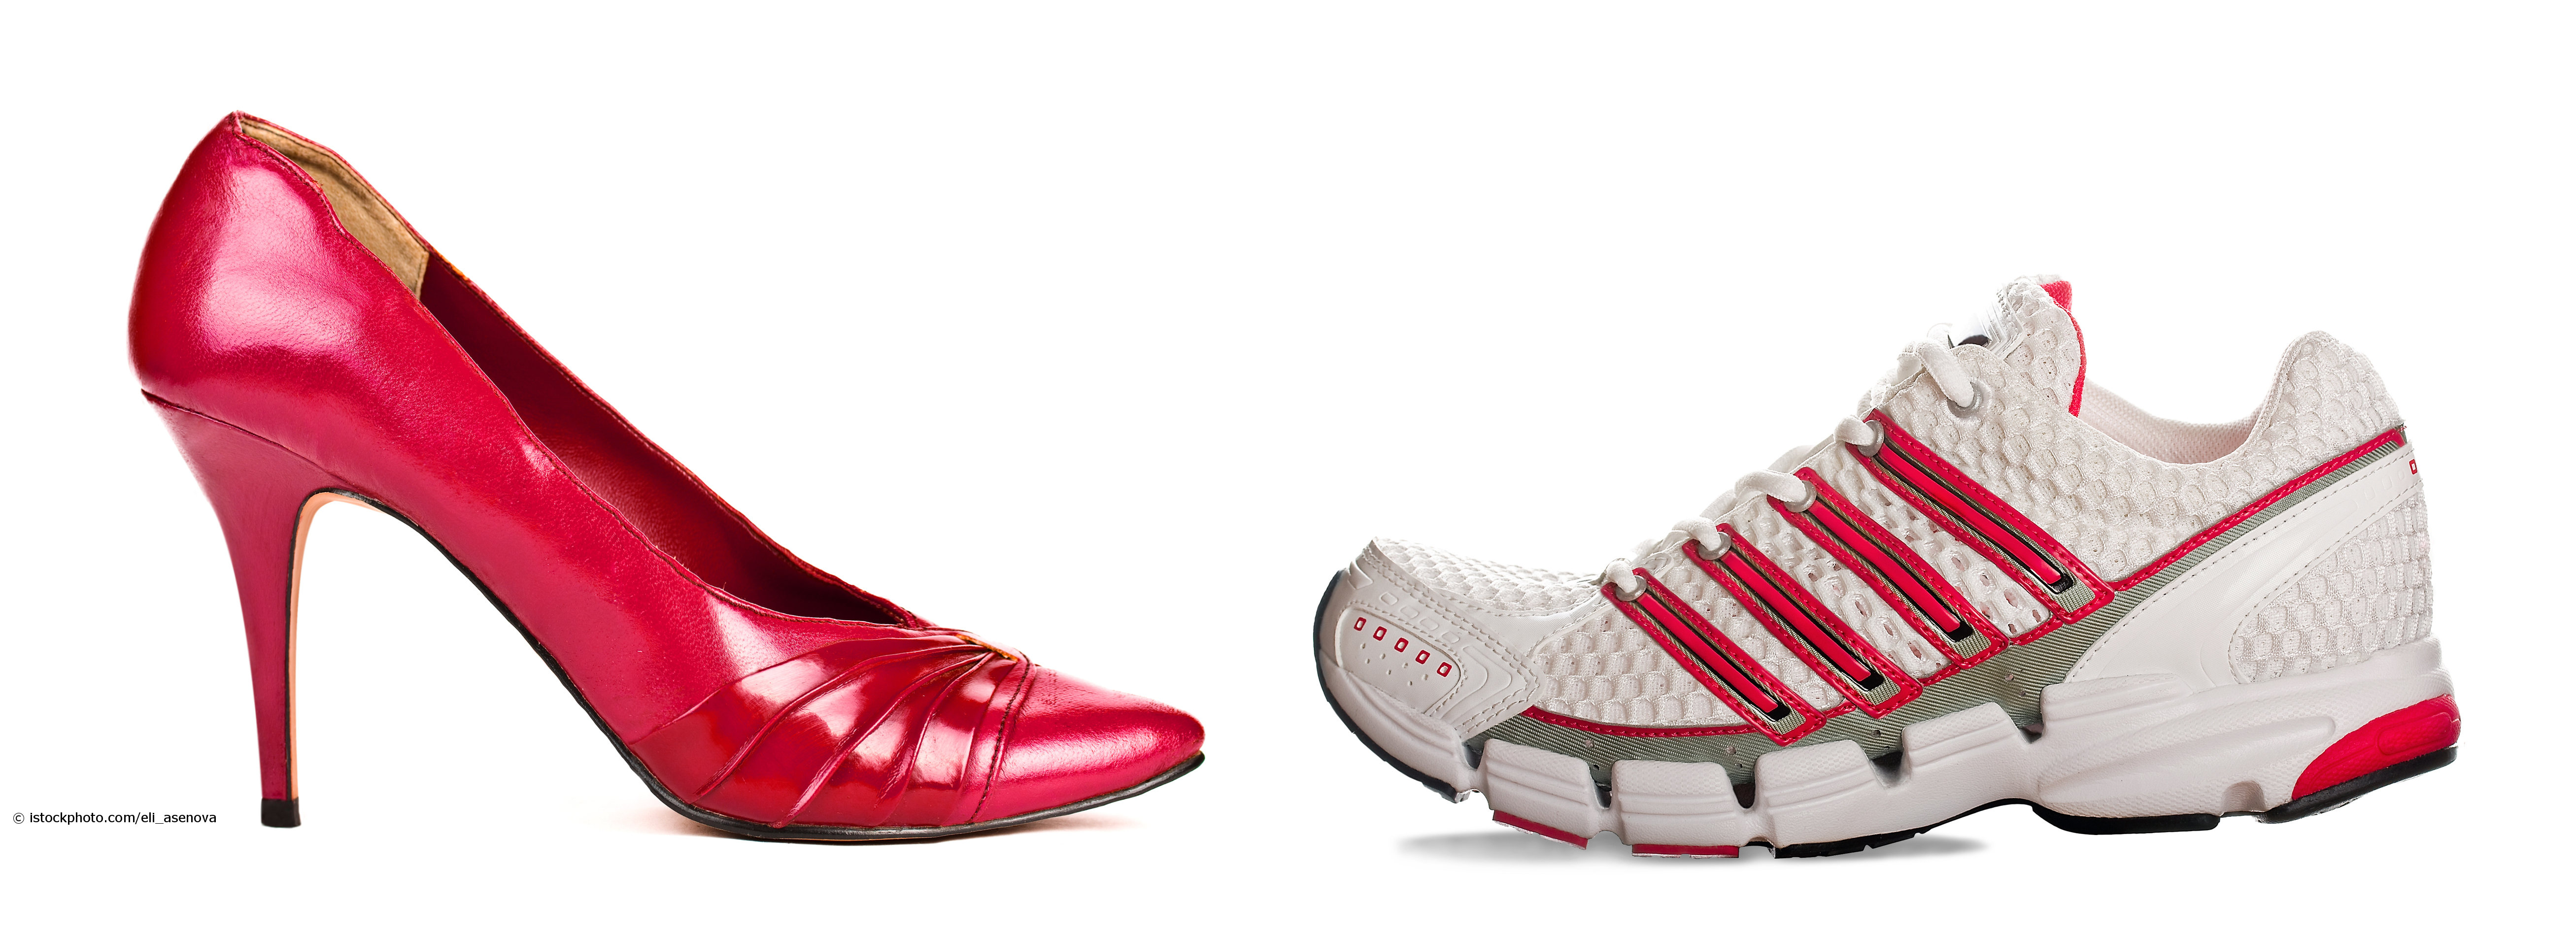 High Heel oder Turnschuh? Zur Verhinderung eines Hallux und für die Fußgesundheit allgemein sollte auf bequemes Schuhwerk zurückgegriffen werden.